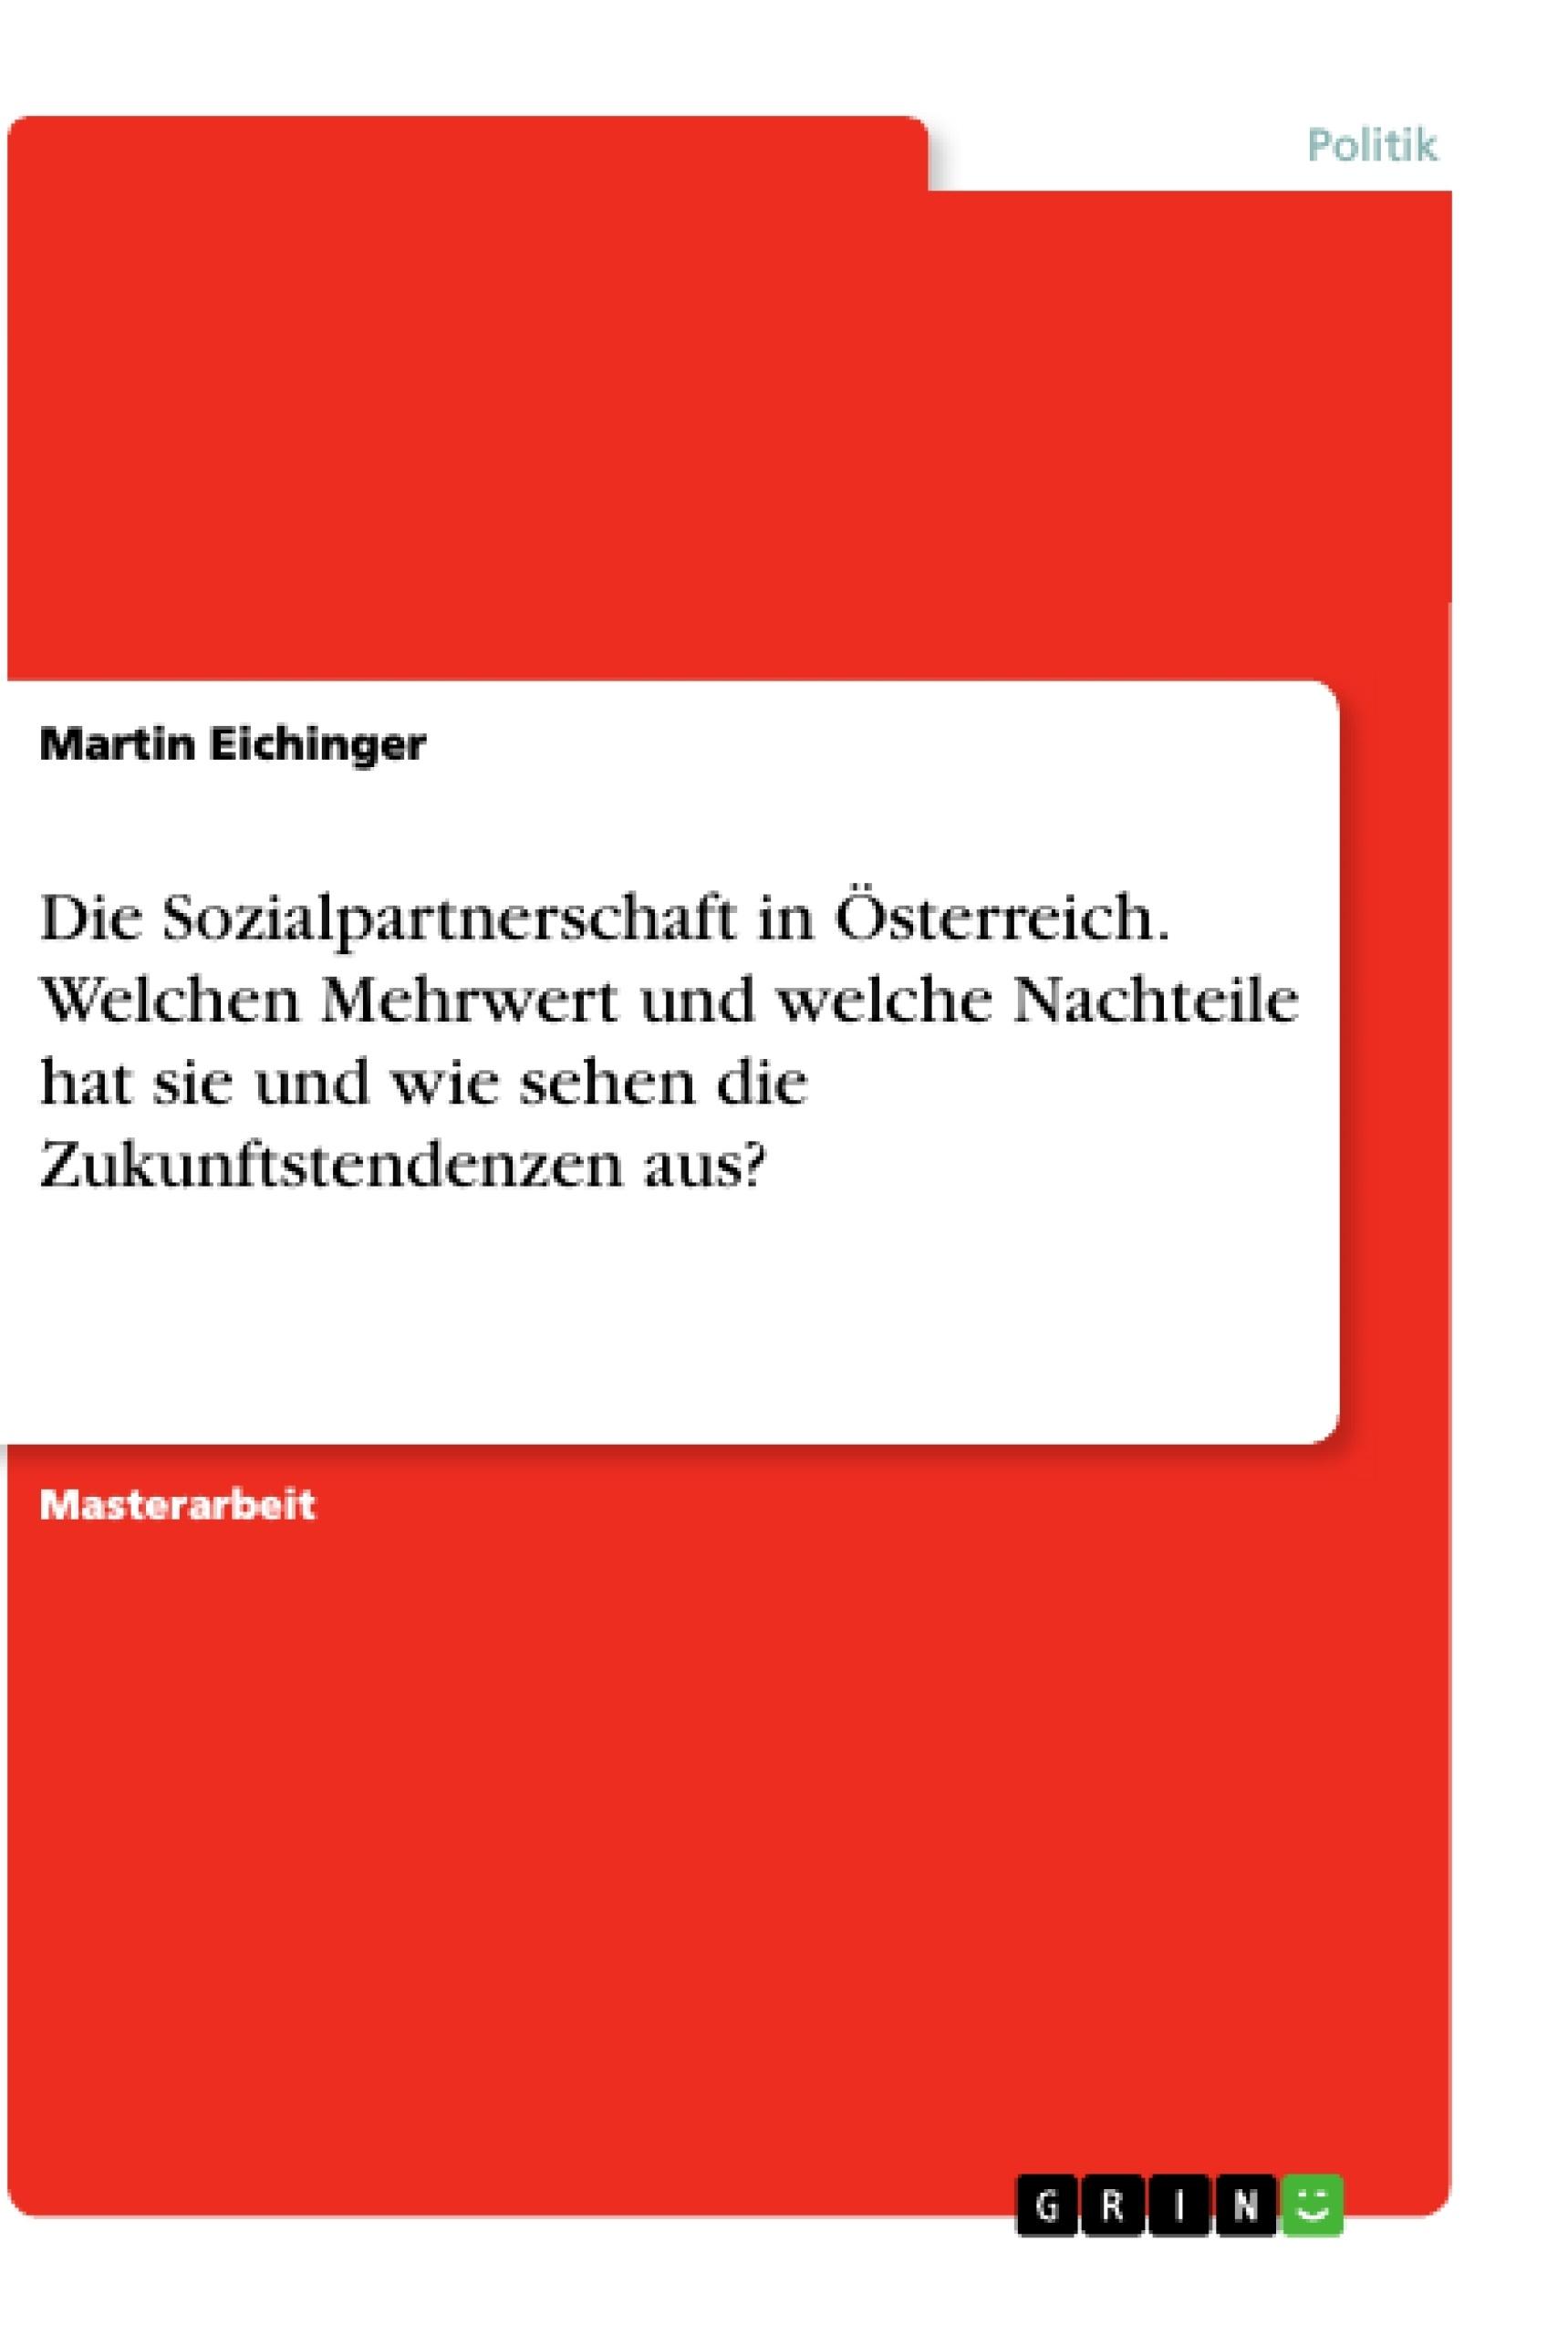 Titel: Die Sozialpartnerschaft in Österreich. Welchen Mehrwert und welche Nachteile hat sie und wie sehen die Zukunftstendenzen aus?